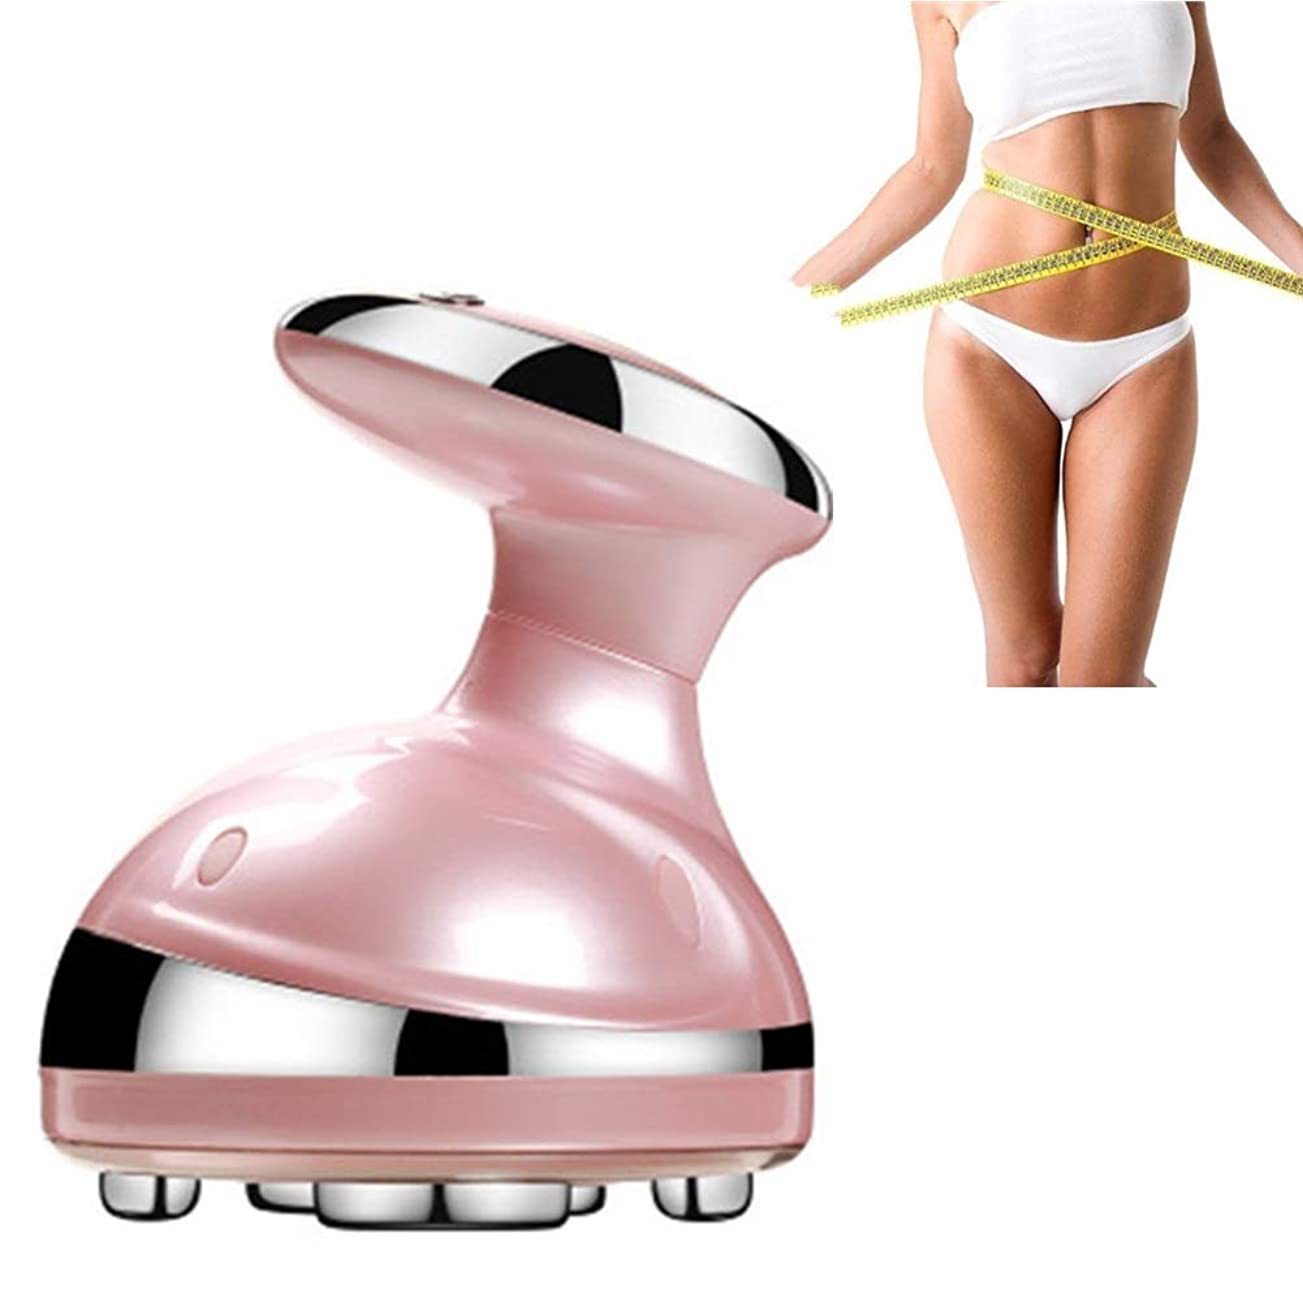 うるさい許容できる本脂肪除去機、セルライト除去肌引き締め装置、肌引き締め、ボディ痩身マッサージ、減量超音波減量、EMS赤外線光振動超音波